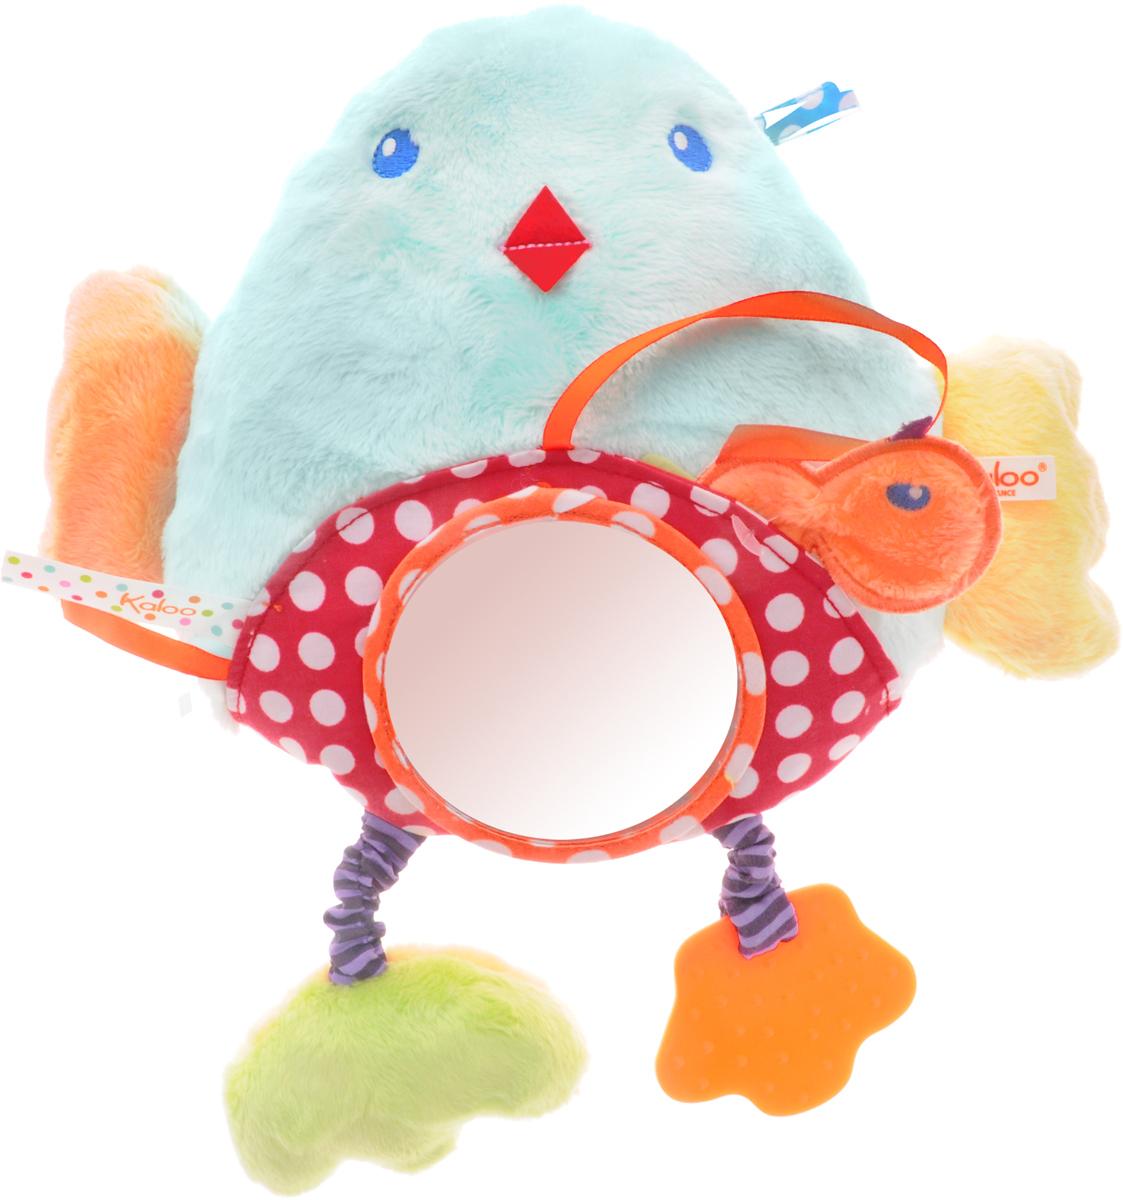 Kaloo Мягкая развивающая игрушка ПтичкаK963328Мягкая развивающая игрушка Kaloo Птичка надолго увлечет вашего малыша и обязательно станет одной из любимых игрушек, которую вы будете брать с собой на прогулку. Игрушка выполнена в виде очаровательного цыпленка с погремушкой внутри, безопасным зеркальцем и прорезывателем. Таким образом, игрушка представляет собой целый комплекс развивающих элементов, которые увлекут ребенка. С помощью текстильного крепления можно будет подвесить игрушку к коляске или автокреслу и взять с собой на прогулку или в поездку.